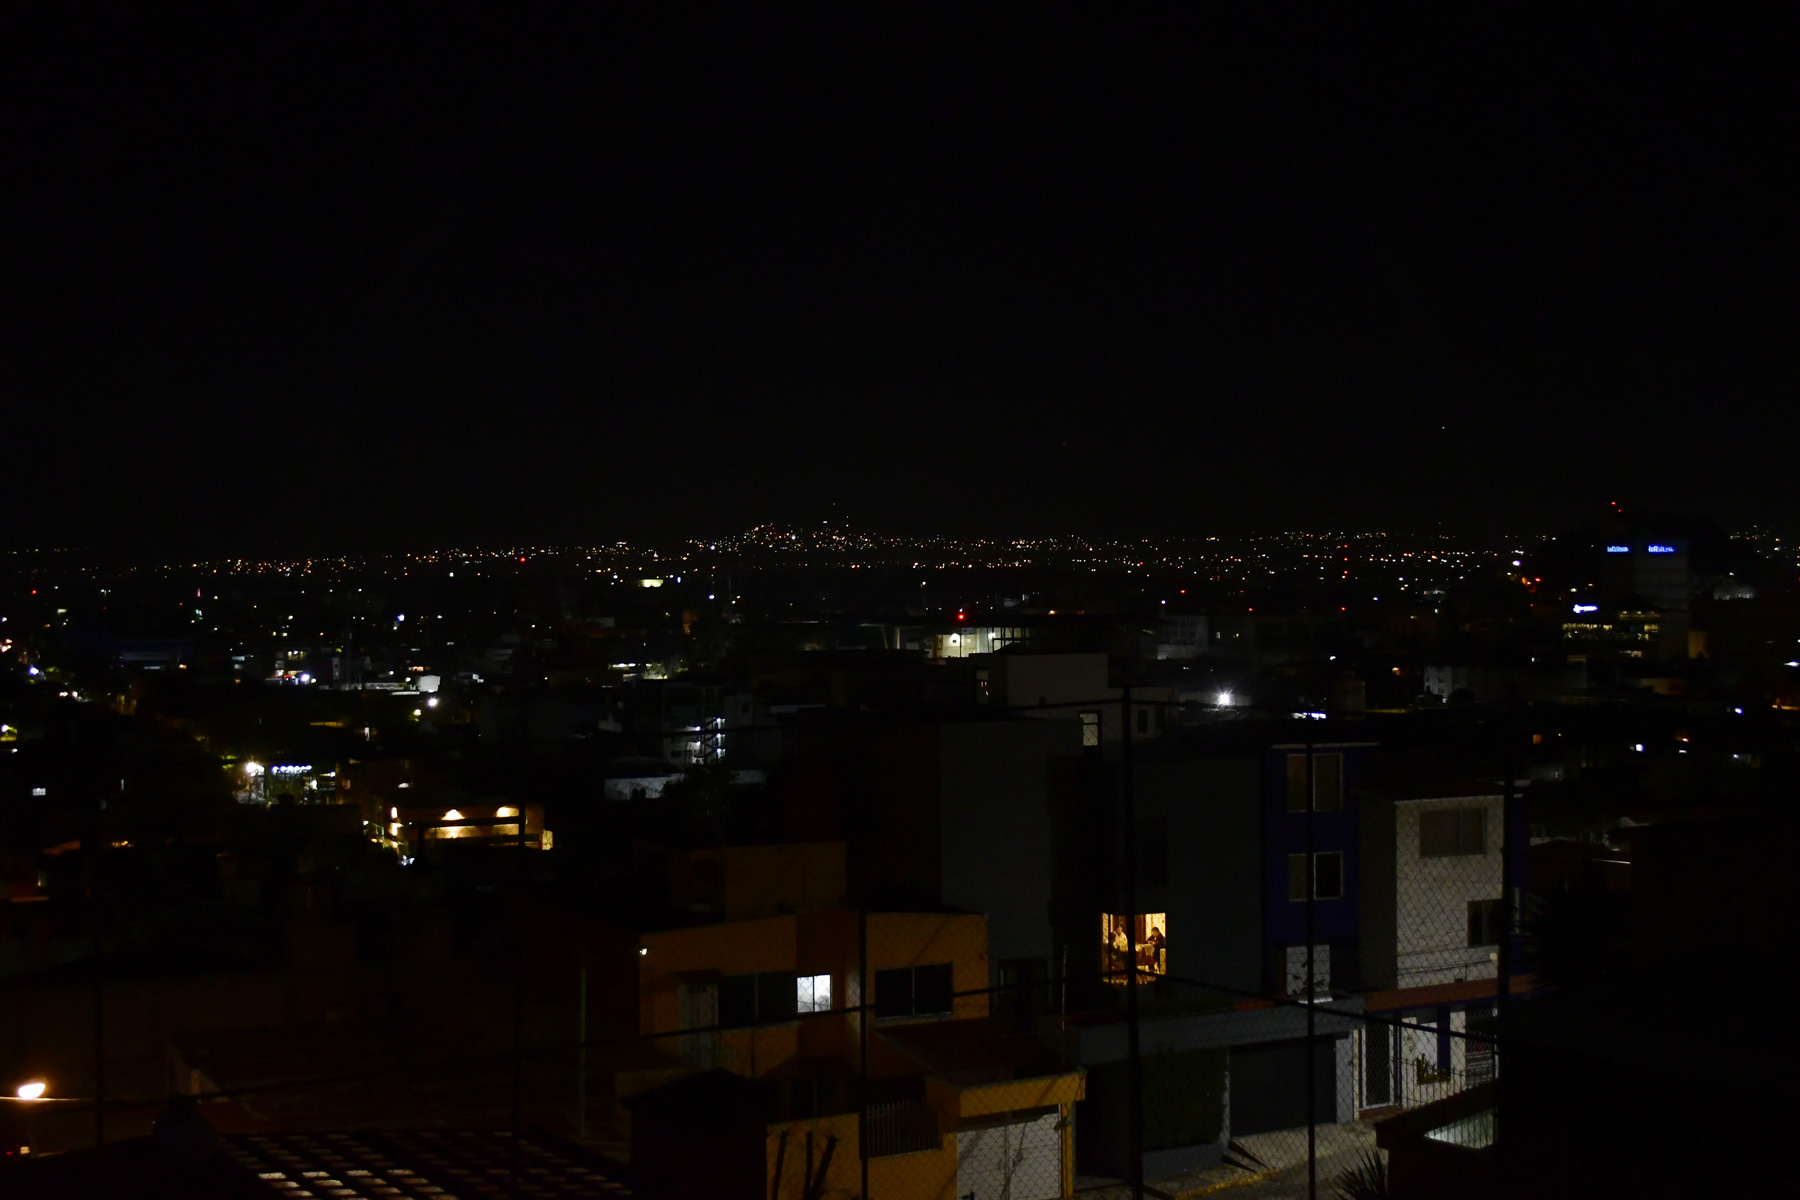 Valle de Toluca: Habitantes reportan apagones de luz